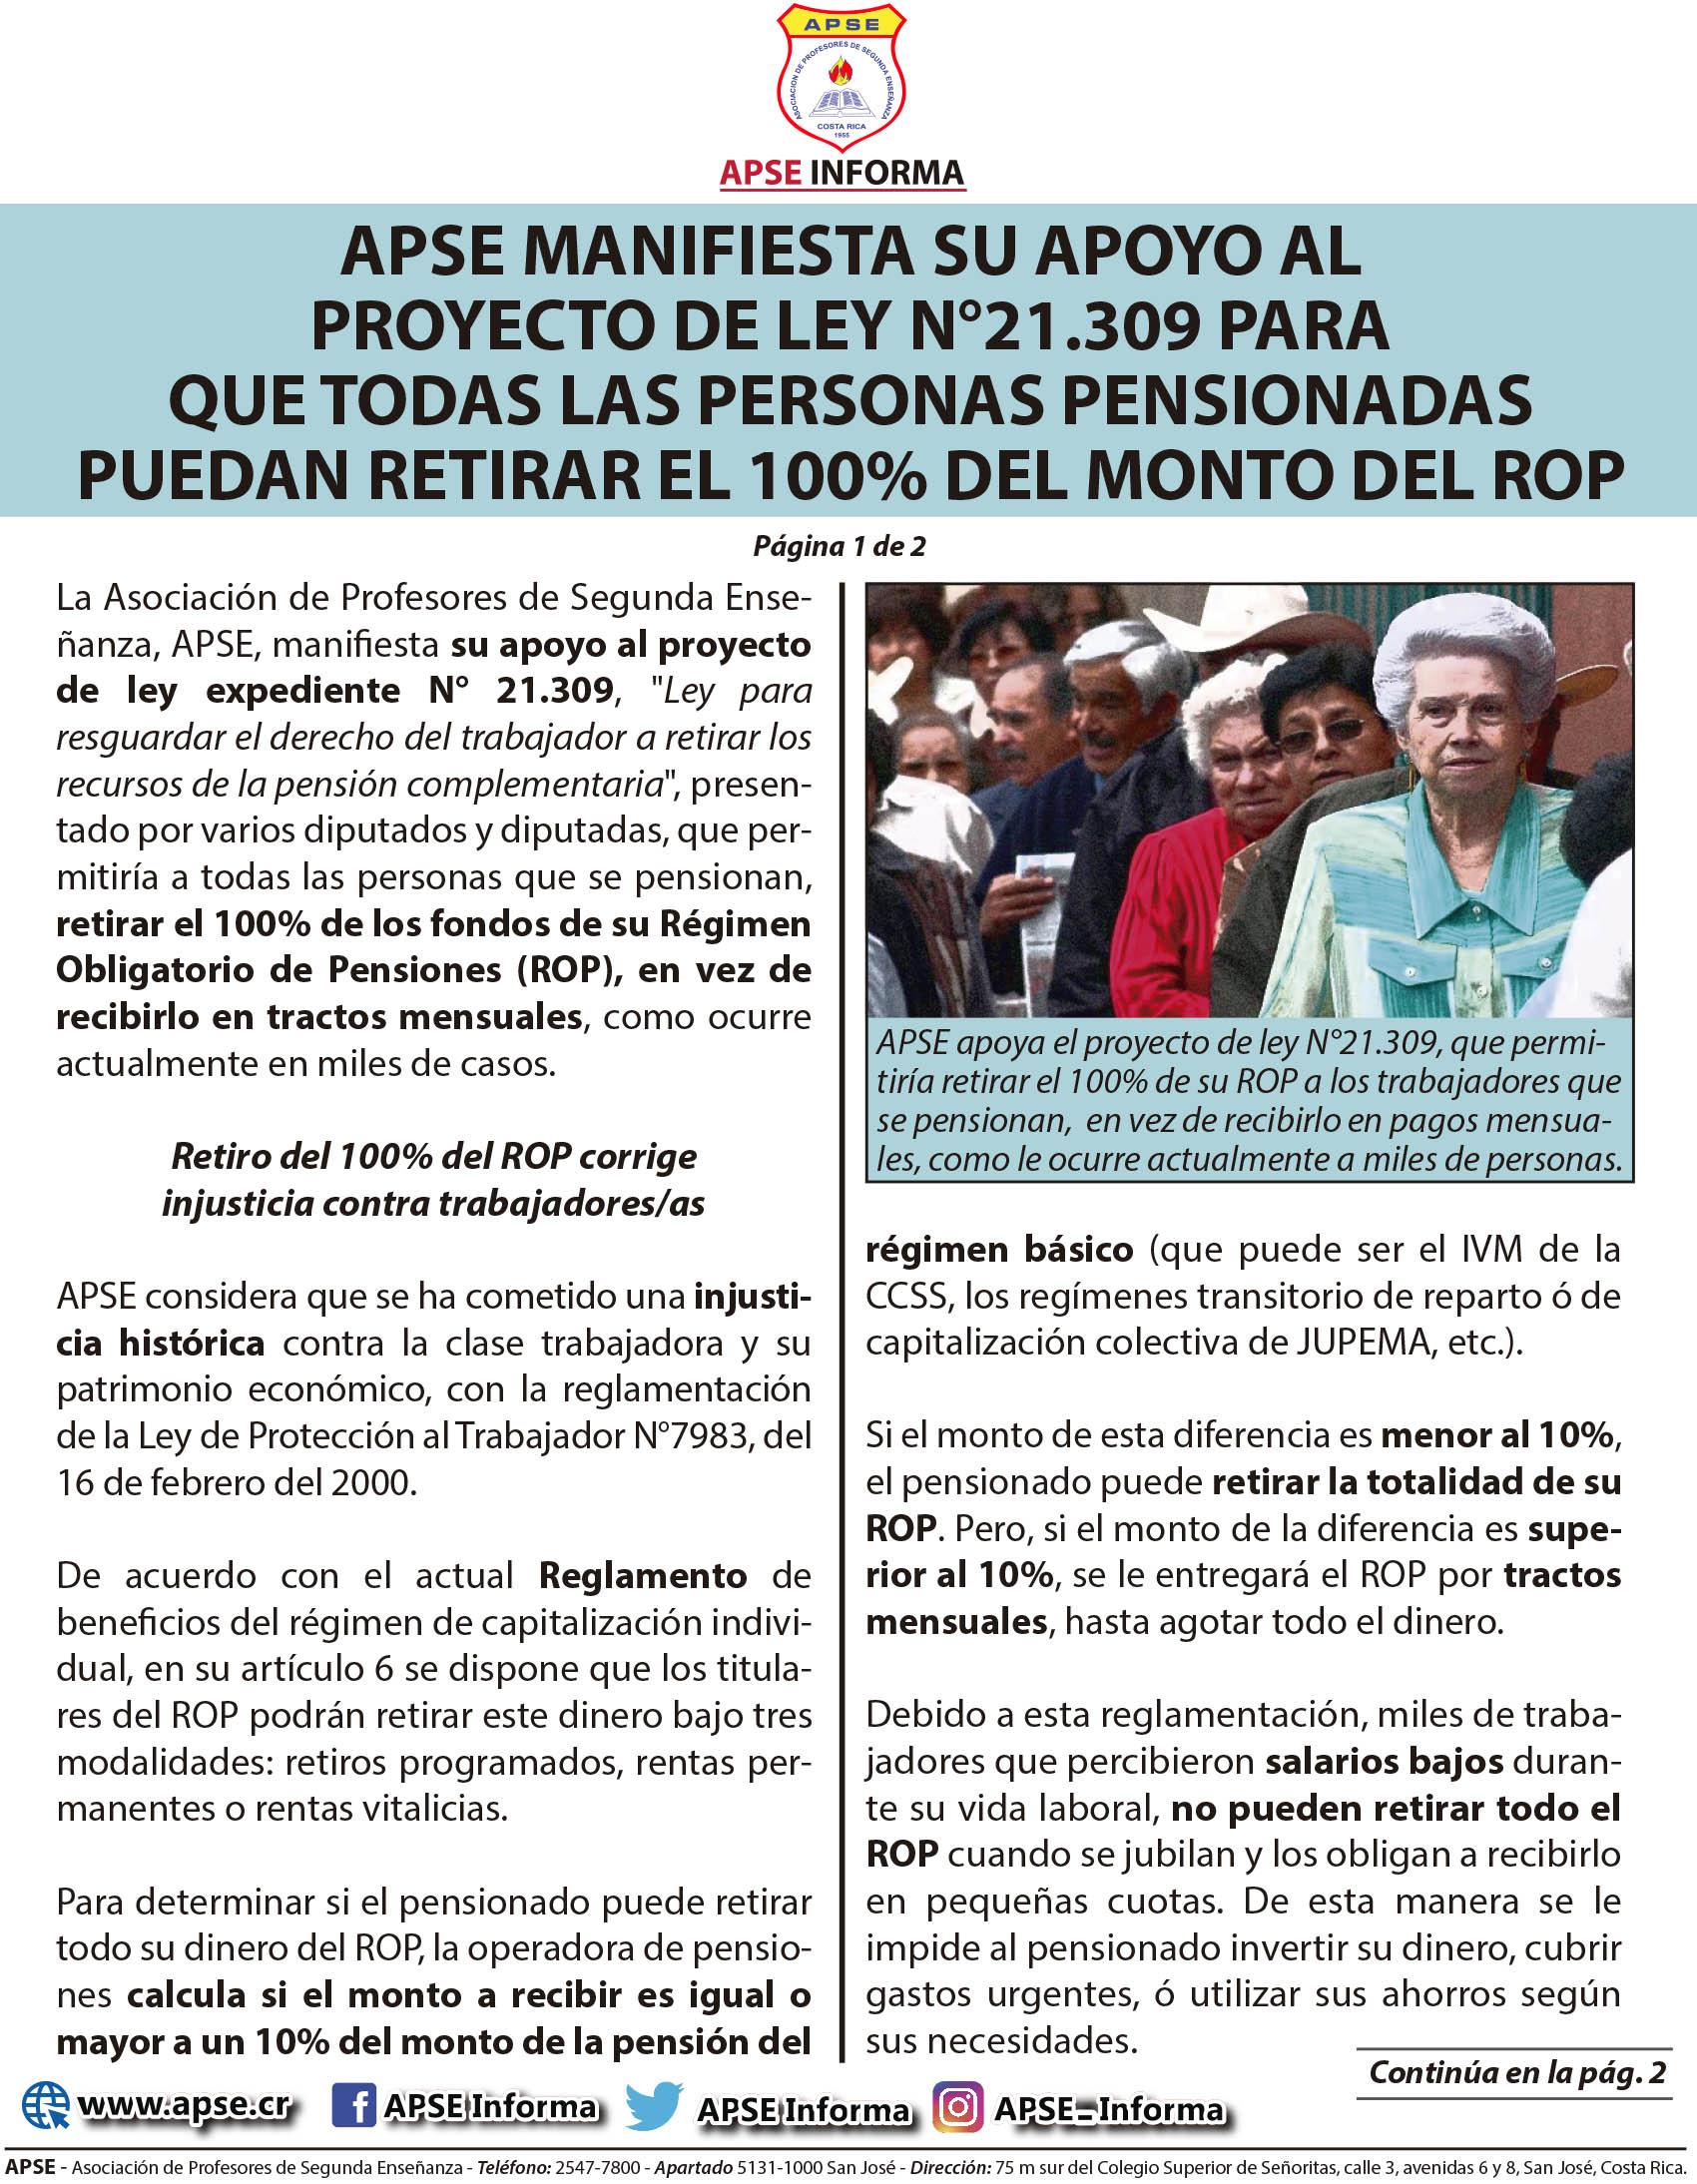 APSE MANIFIESTA SU APOYO AL PROYECTO DE LEY N°21.309 PARA QUE TODAS LAS PERSONAS PENSIONADAS PUEDAN RETIRAR EL 100% DEL MONTO DEL ROP